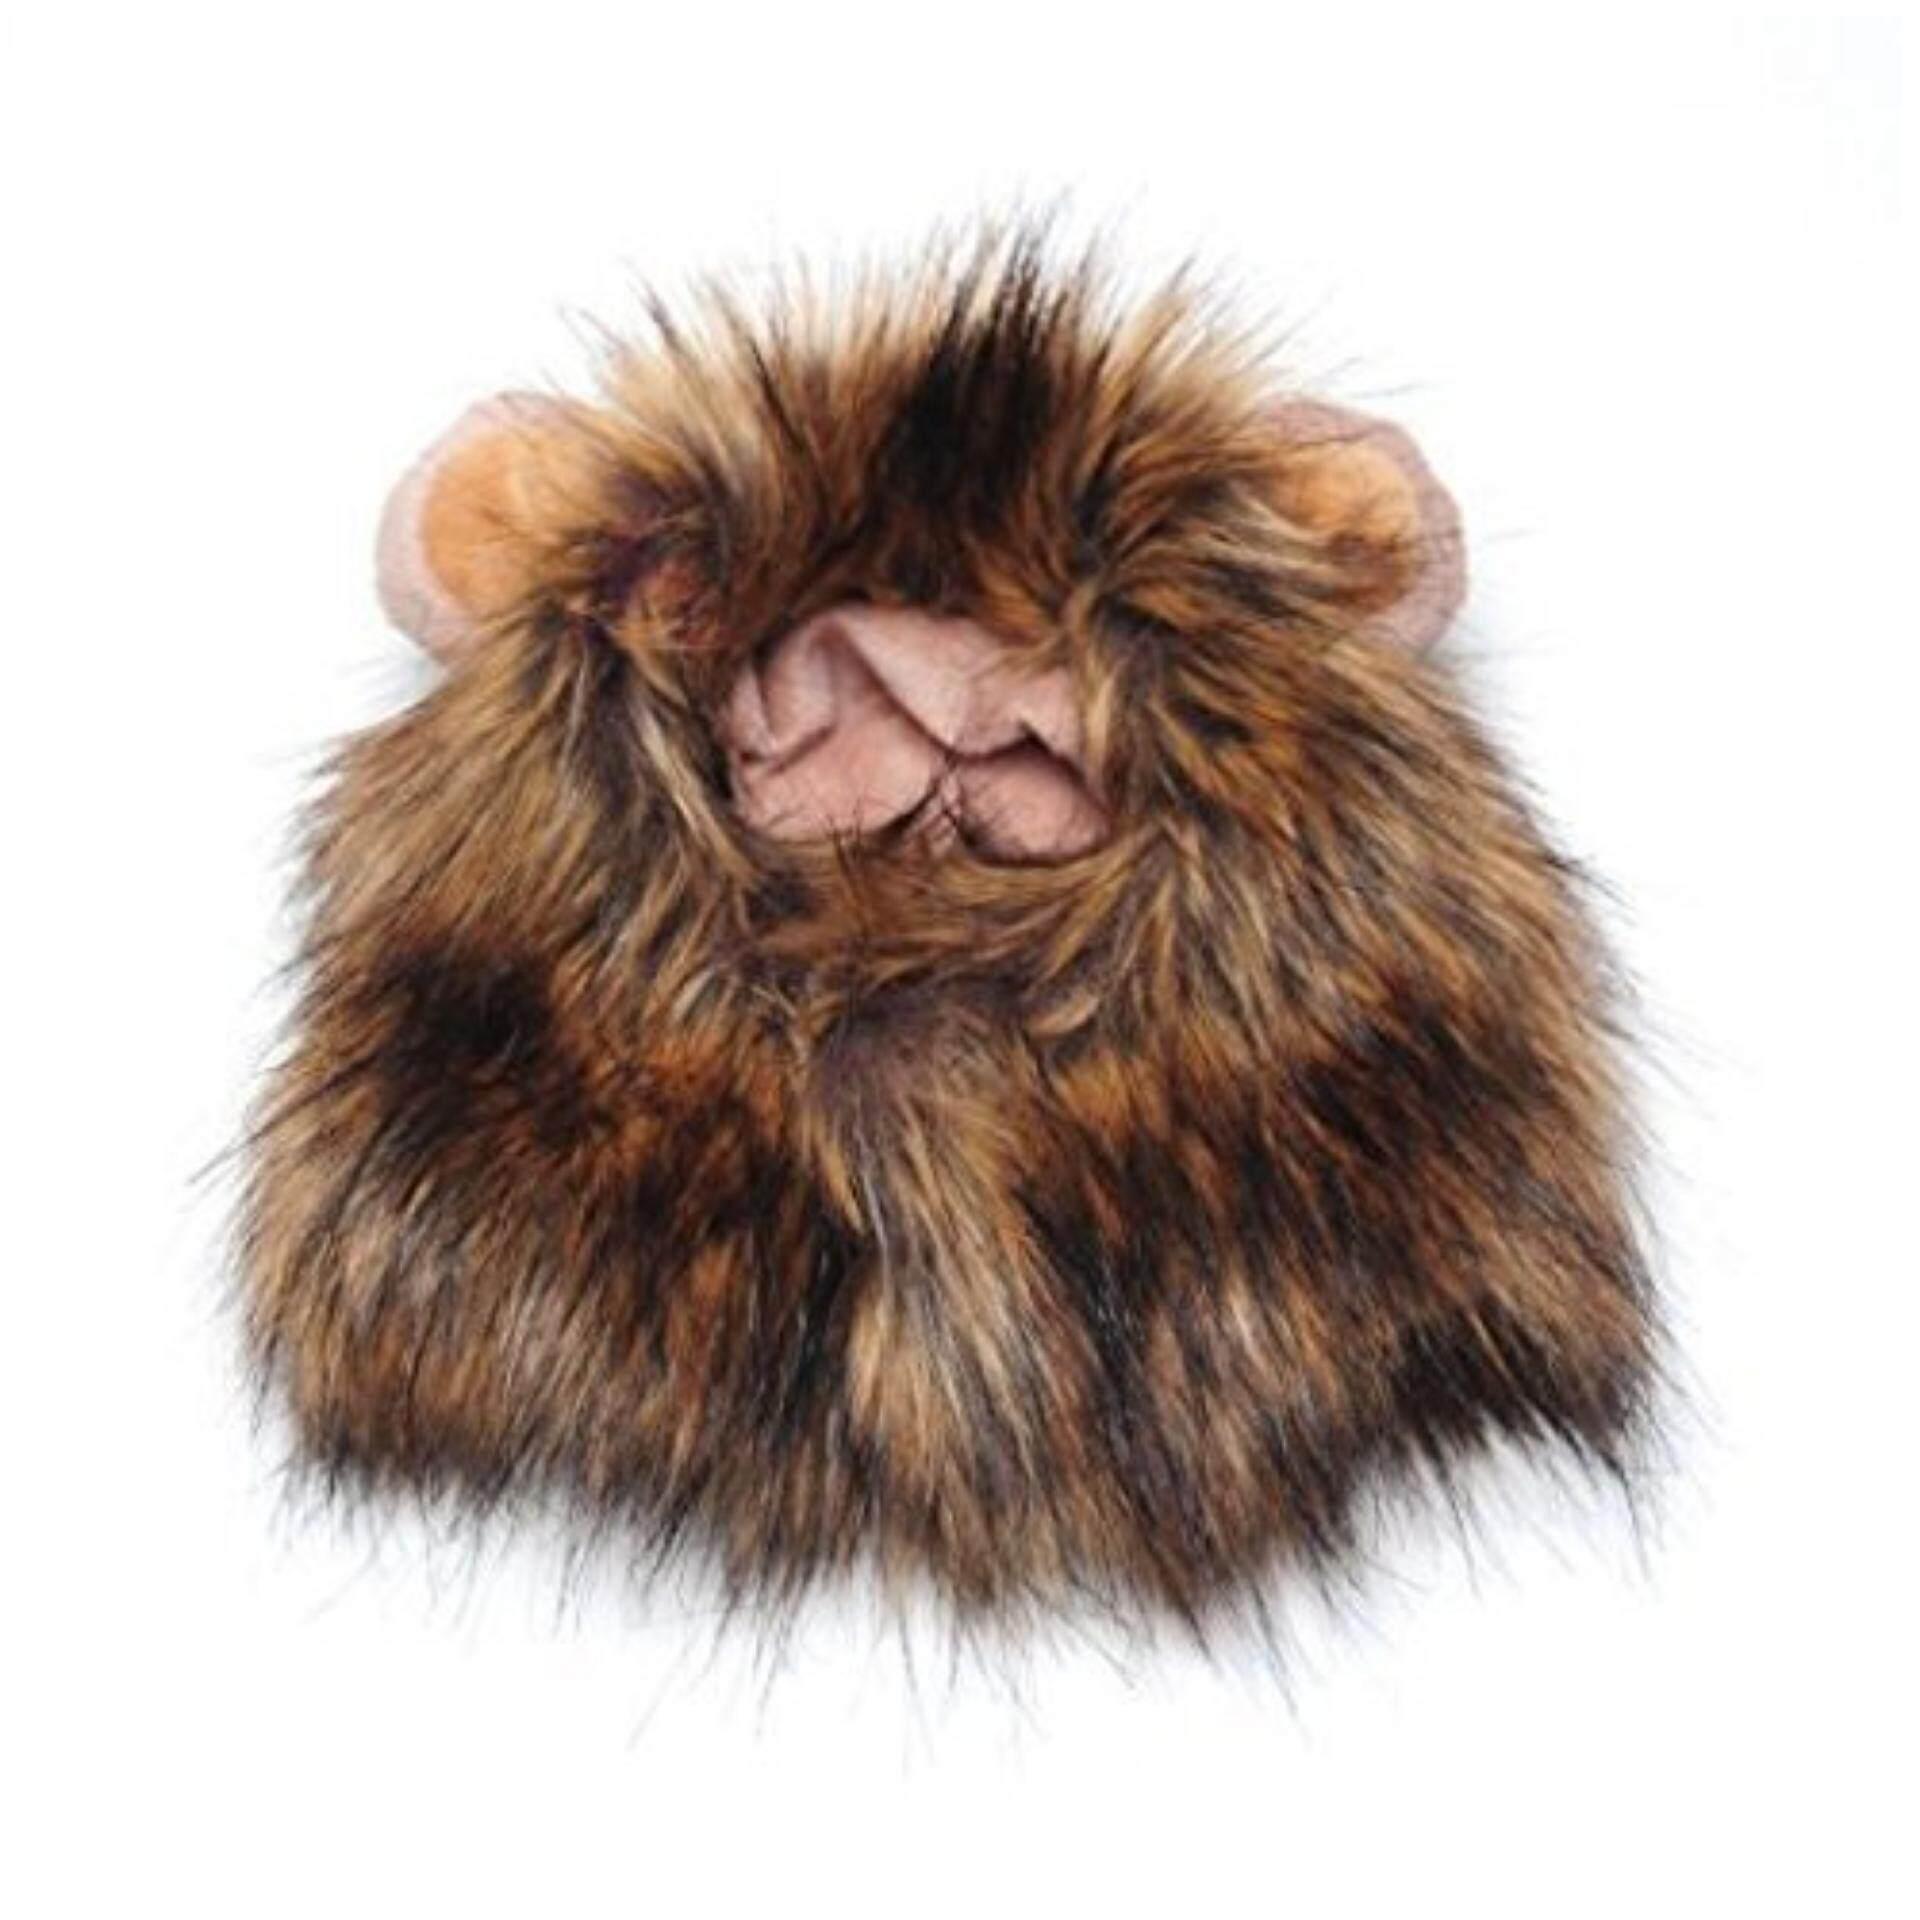 หมวกสุนัขสัตว์เลี้ยงสัตว์เลี้ยงแมวสิงโตวิกผมหูขนาดเล็กเสื้อผ้าสัตว์เลี้ยง/สัตว์เลี้ยงตกแต่งยอดนิยมแต่งตัว - นานาชาติ By Topmissdeng.